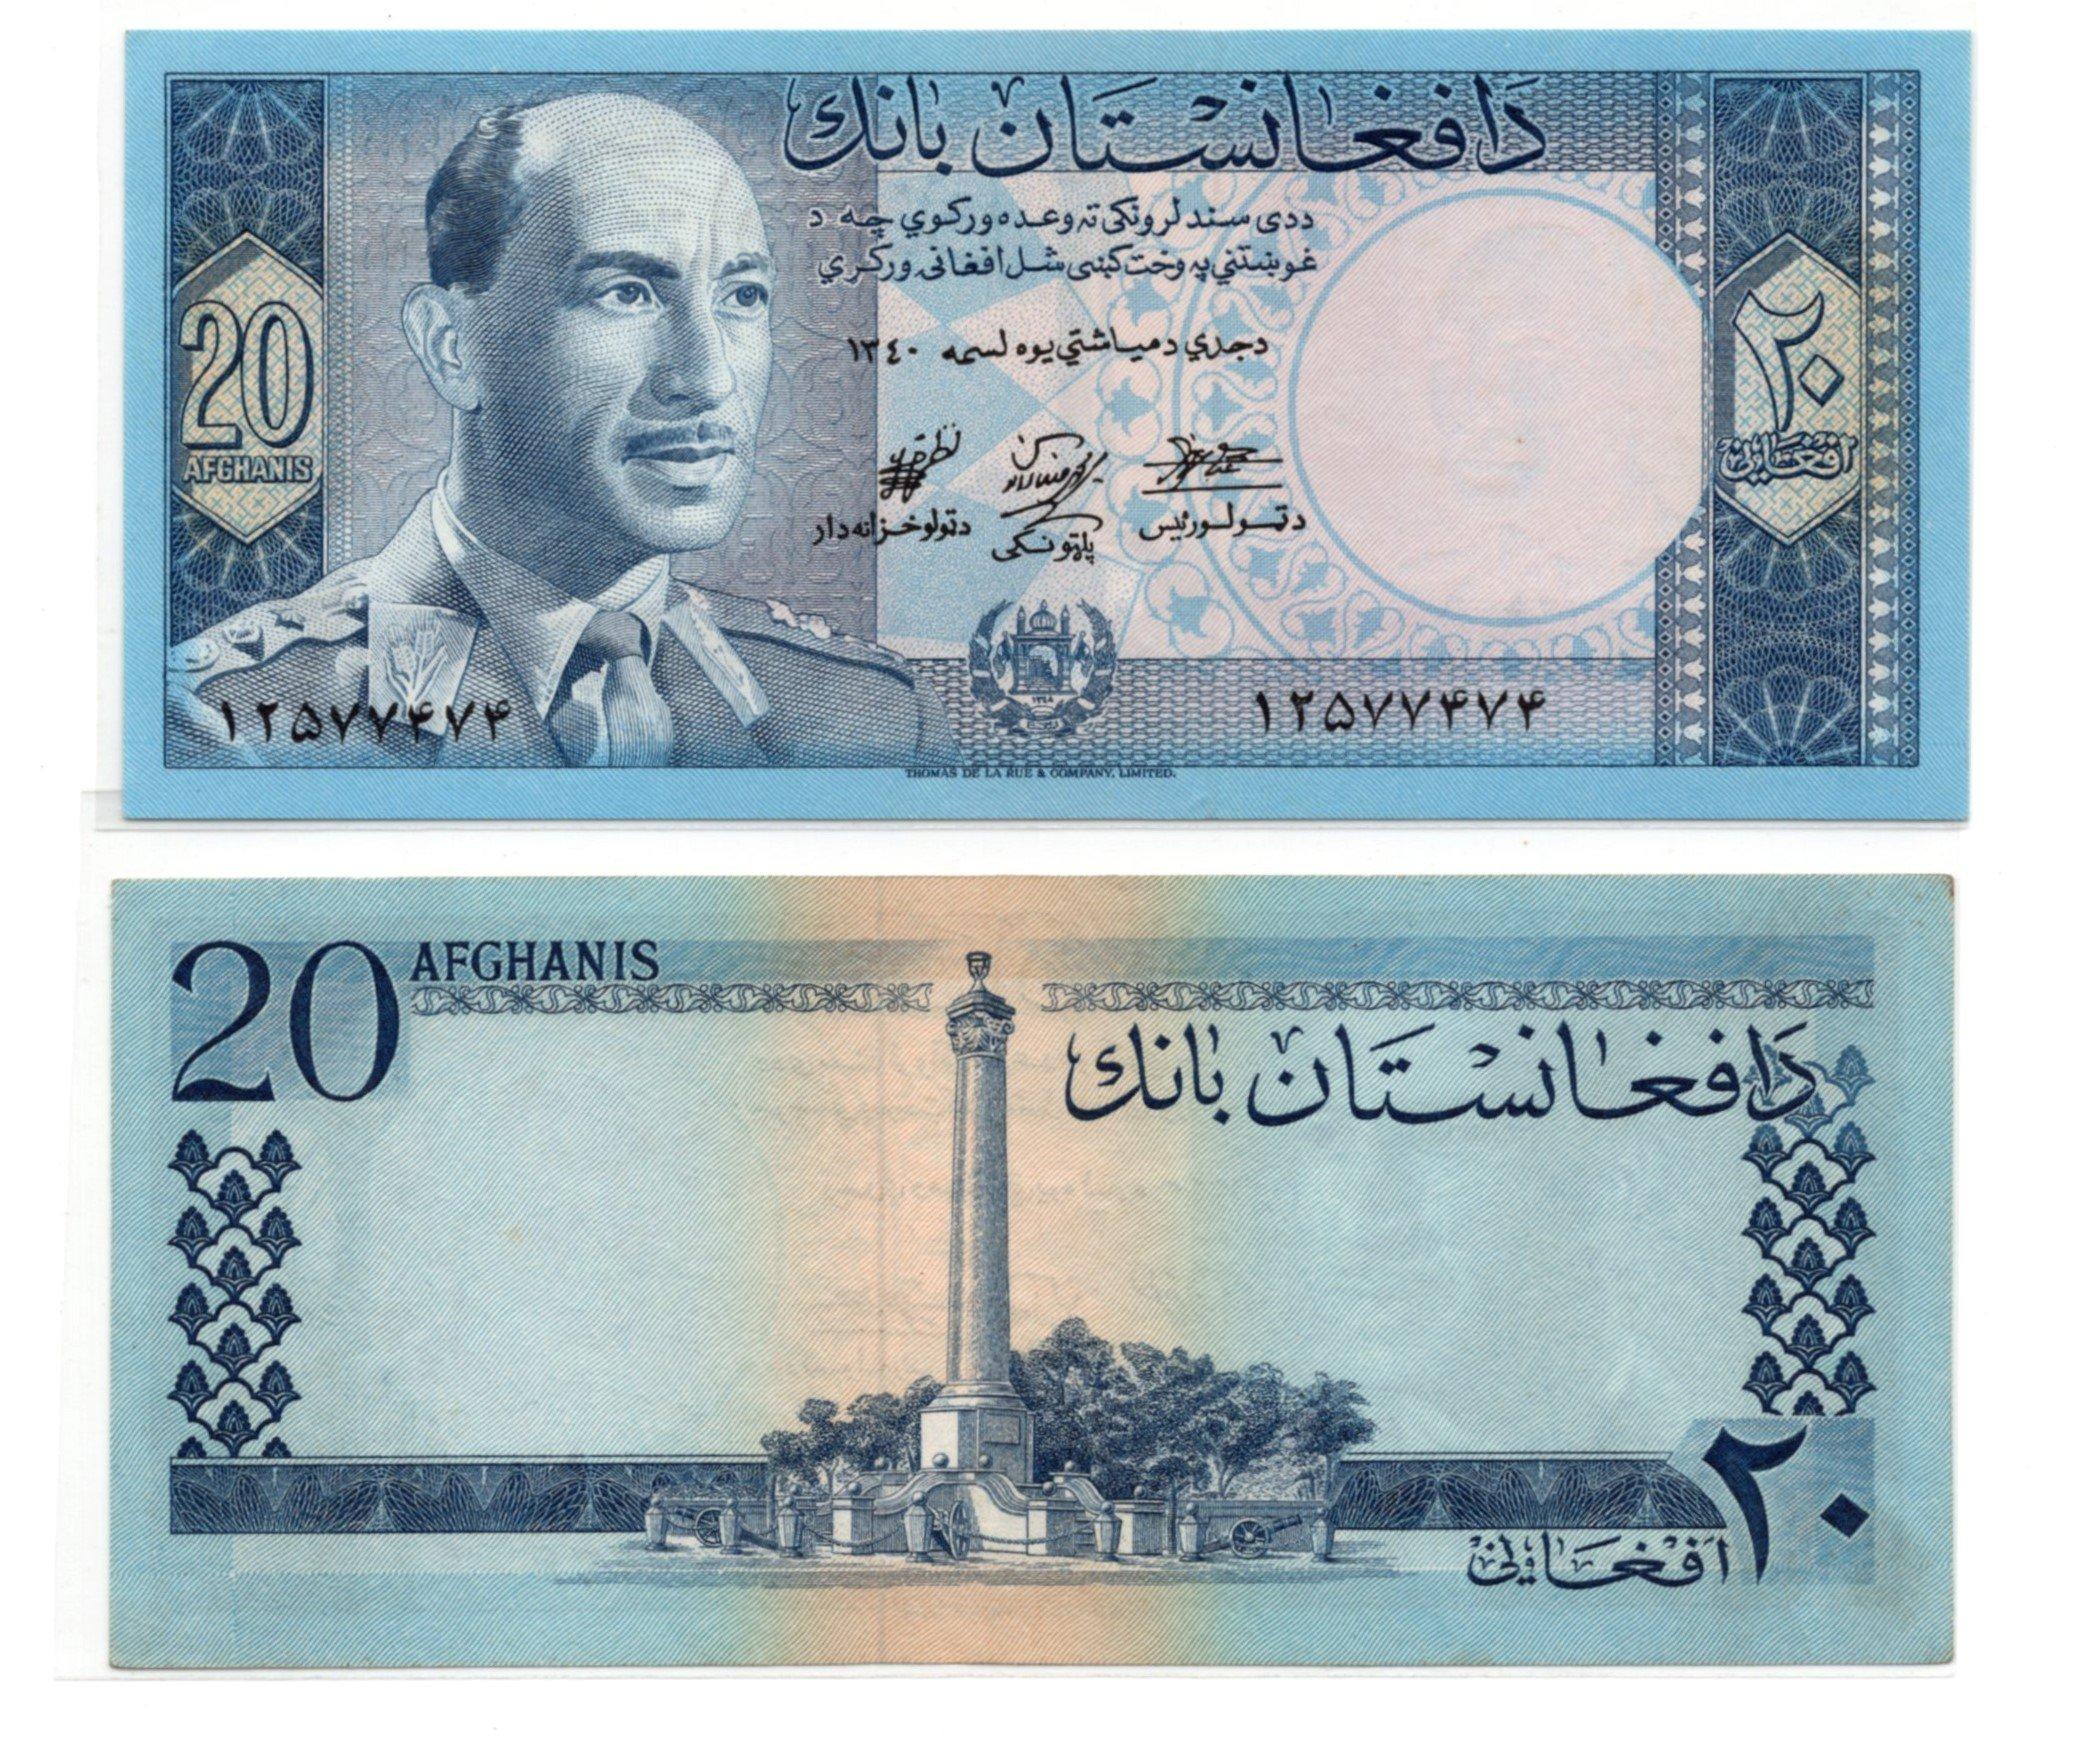 Afghanistan 20 afghanis banknote